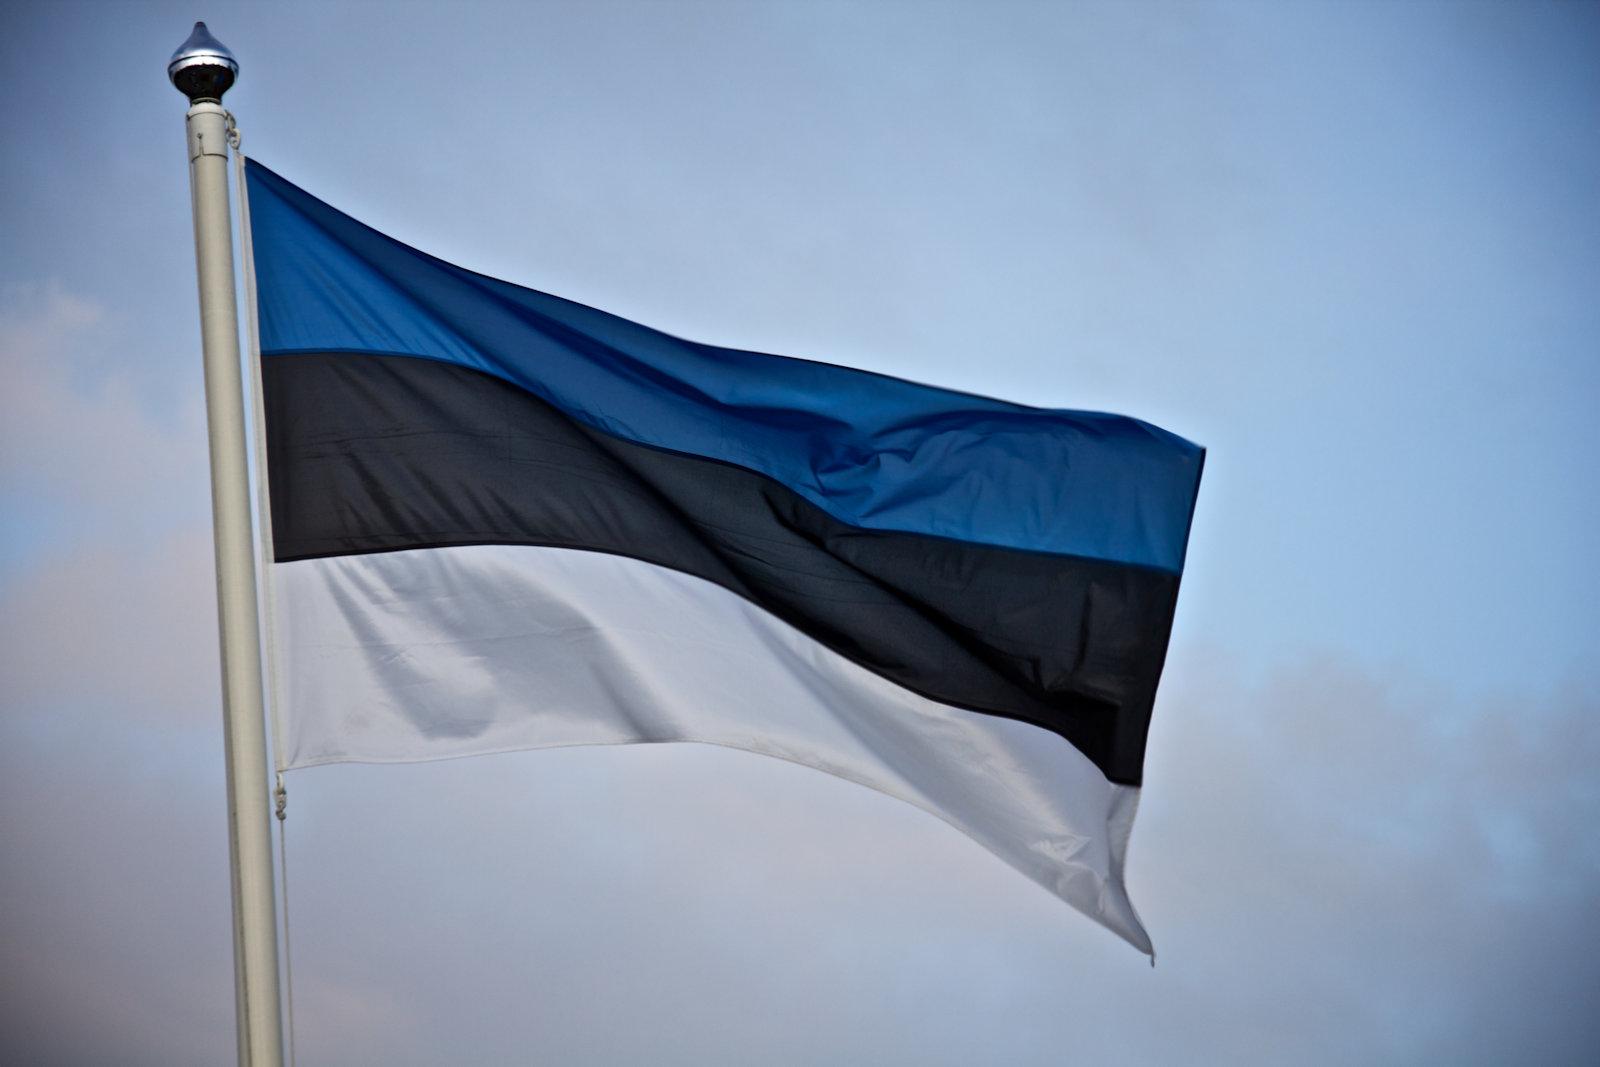 Przegląd Bałtycki wyróżniony przez Estońskie Ministerstwo Spraw Zagranicznych